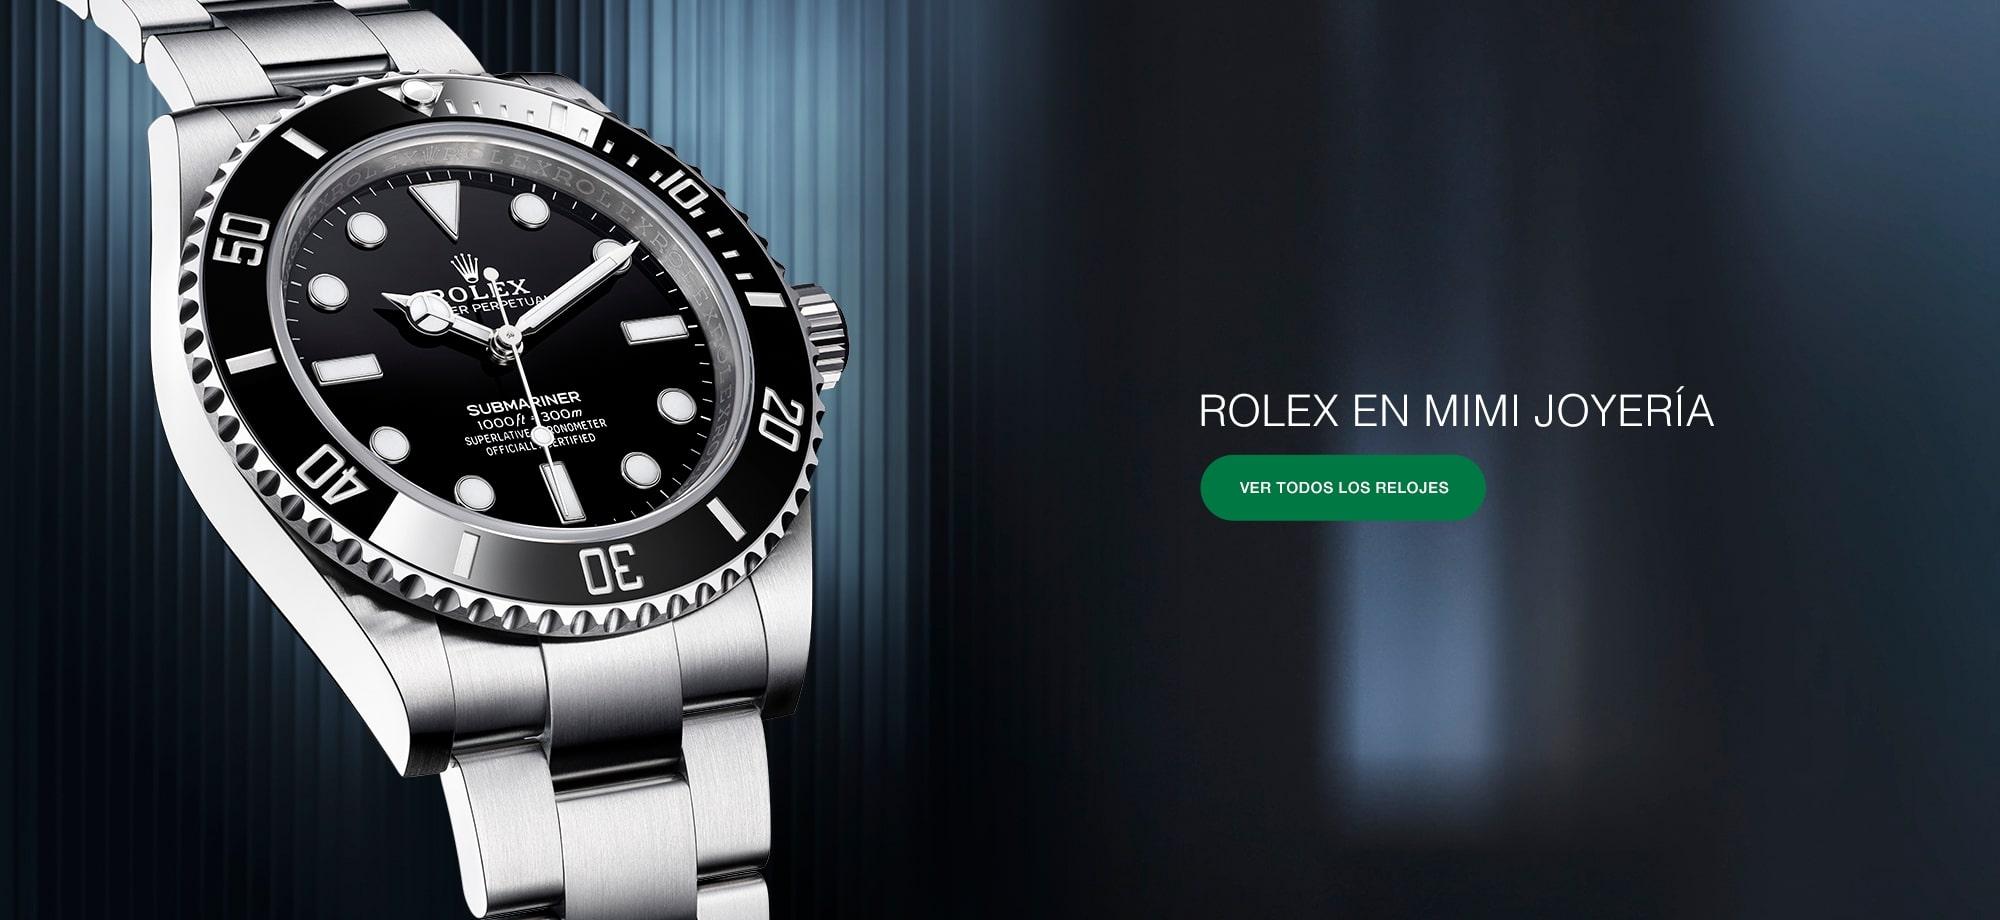 Rolex creados a partir de las mejores materias primas y montados con escrupulosa minuciosidad